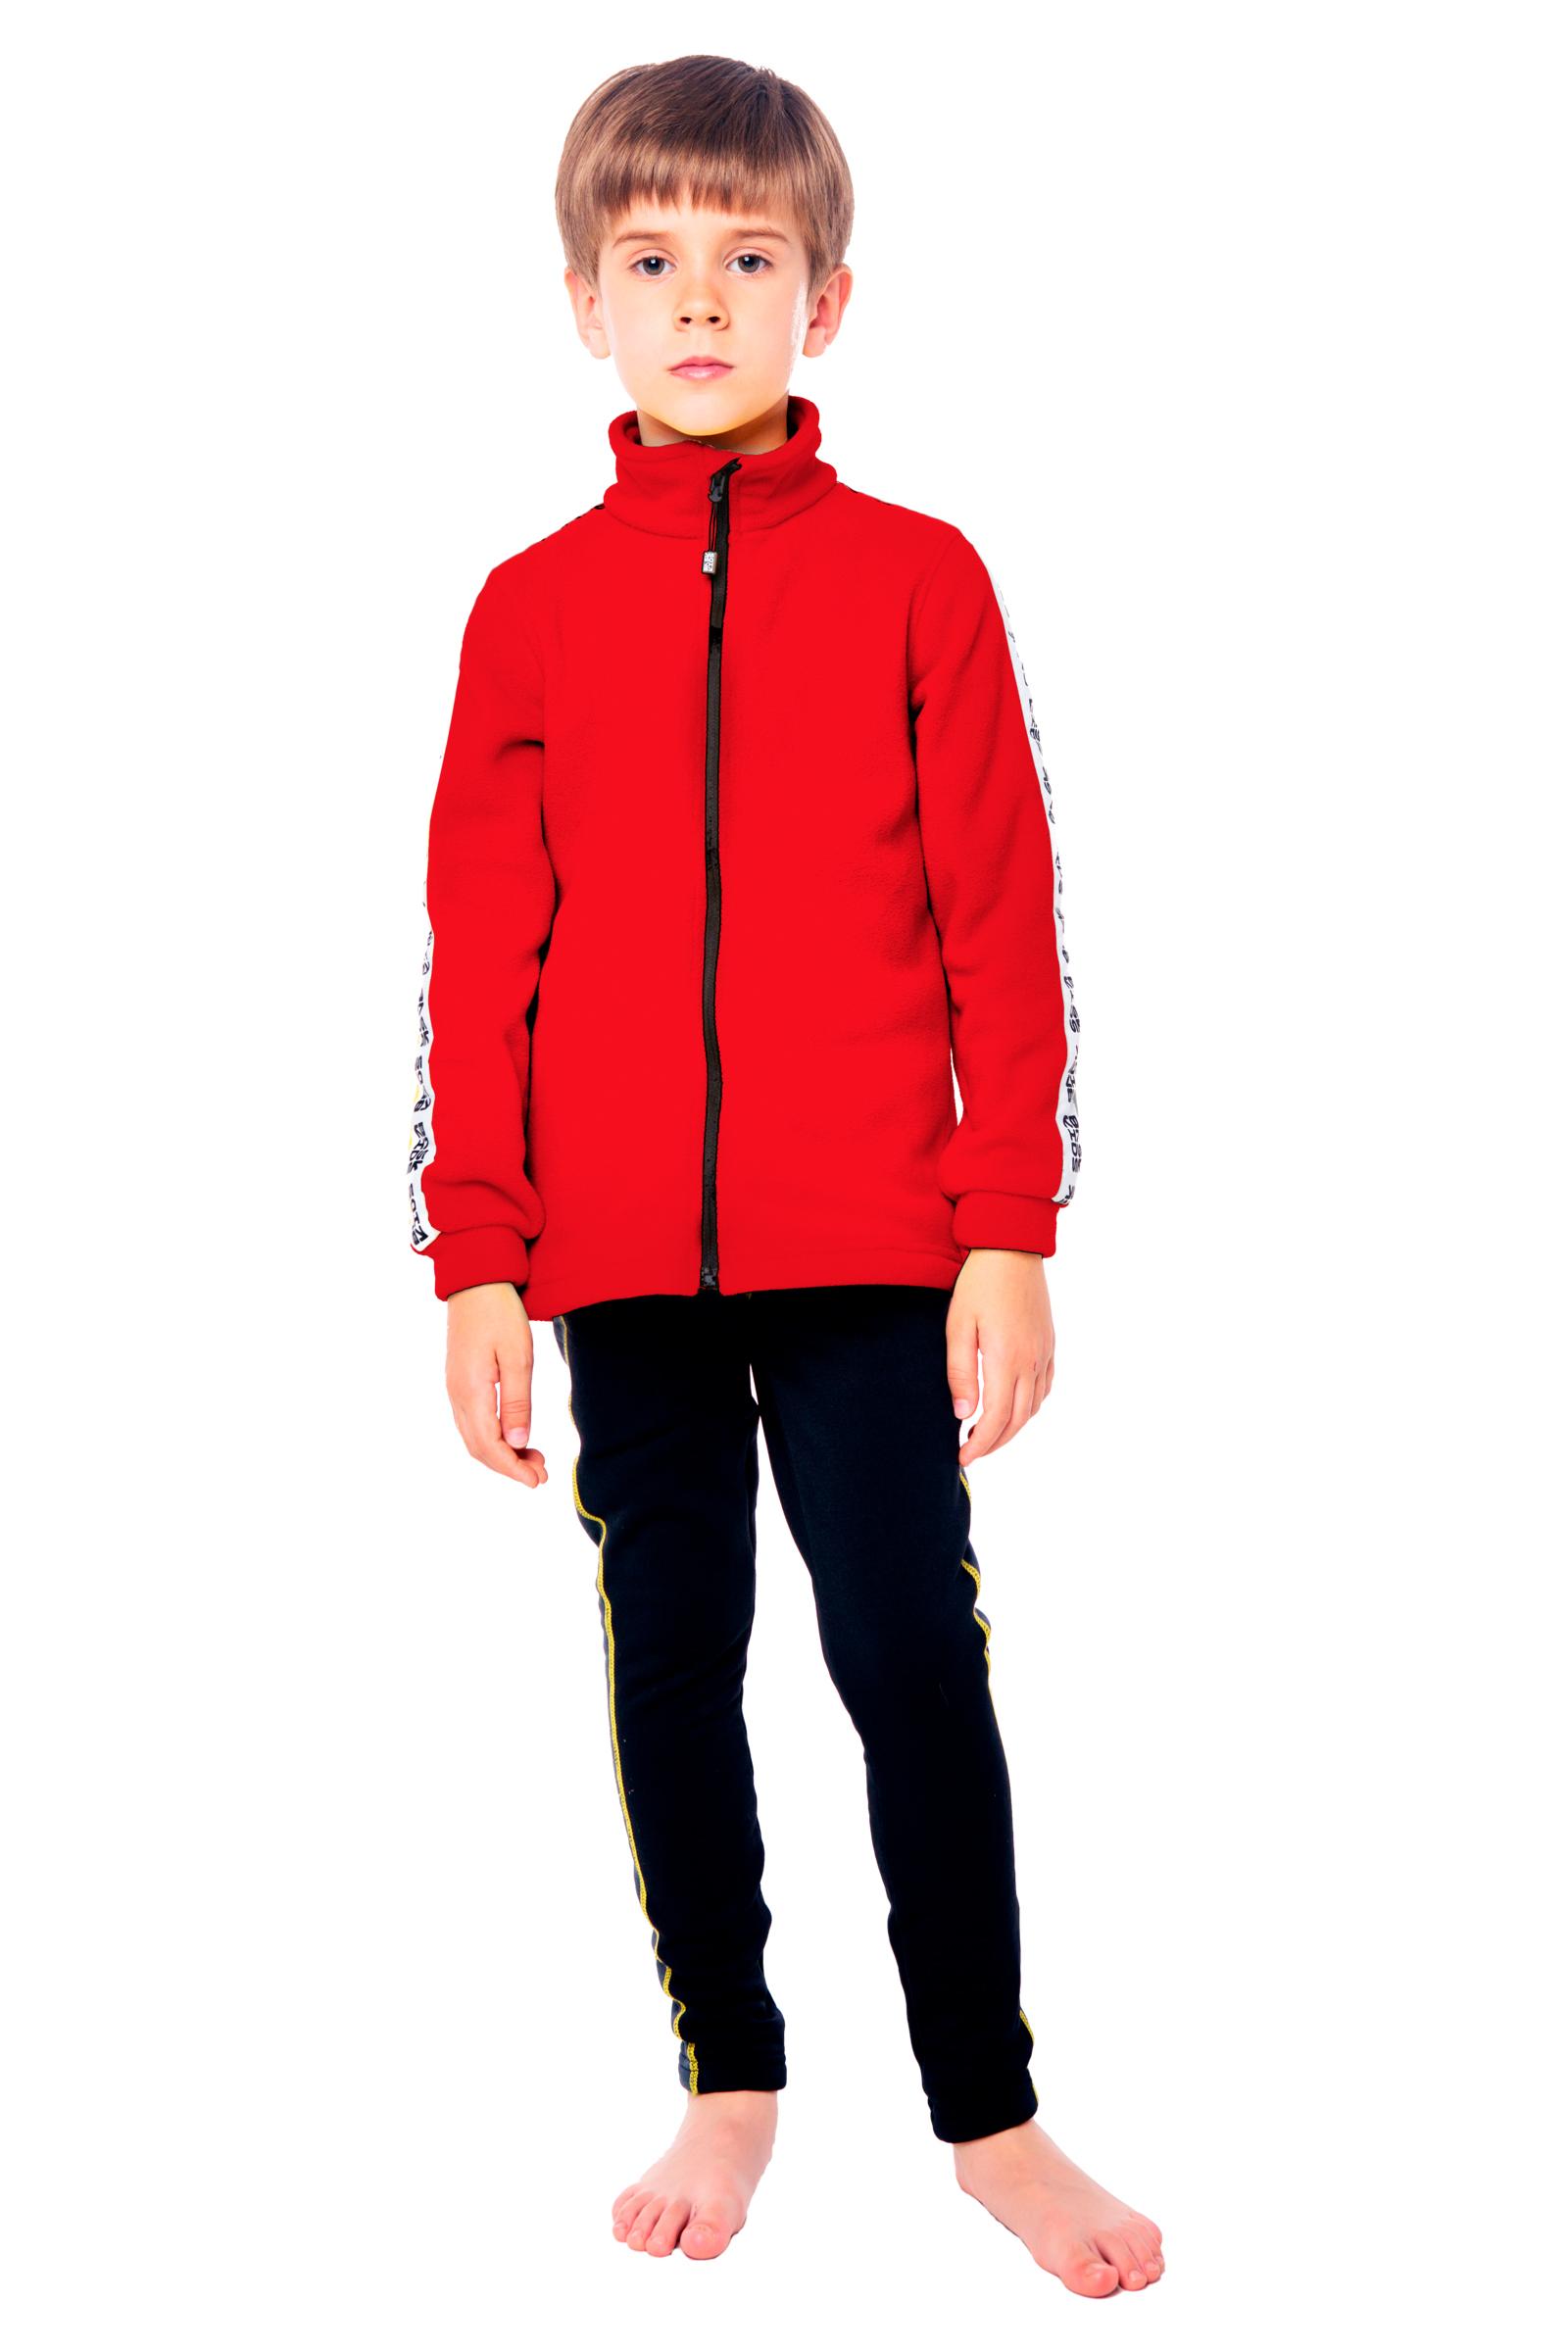 Купить Куртка флисовая детская BASK kids PIKA красная, Компания БАСК